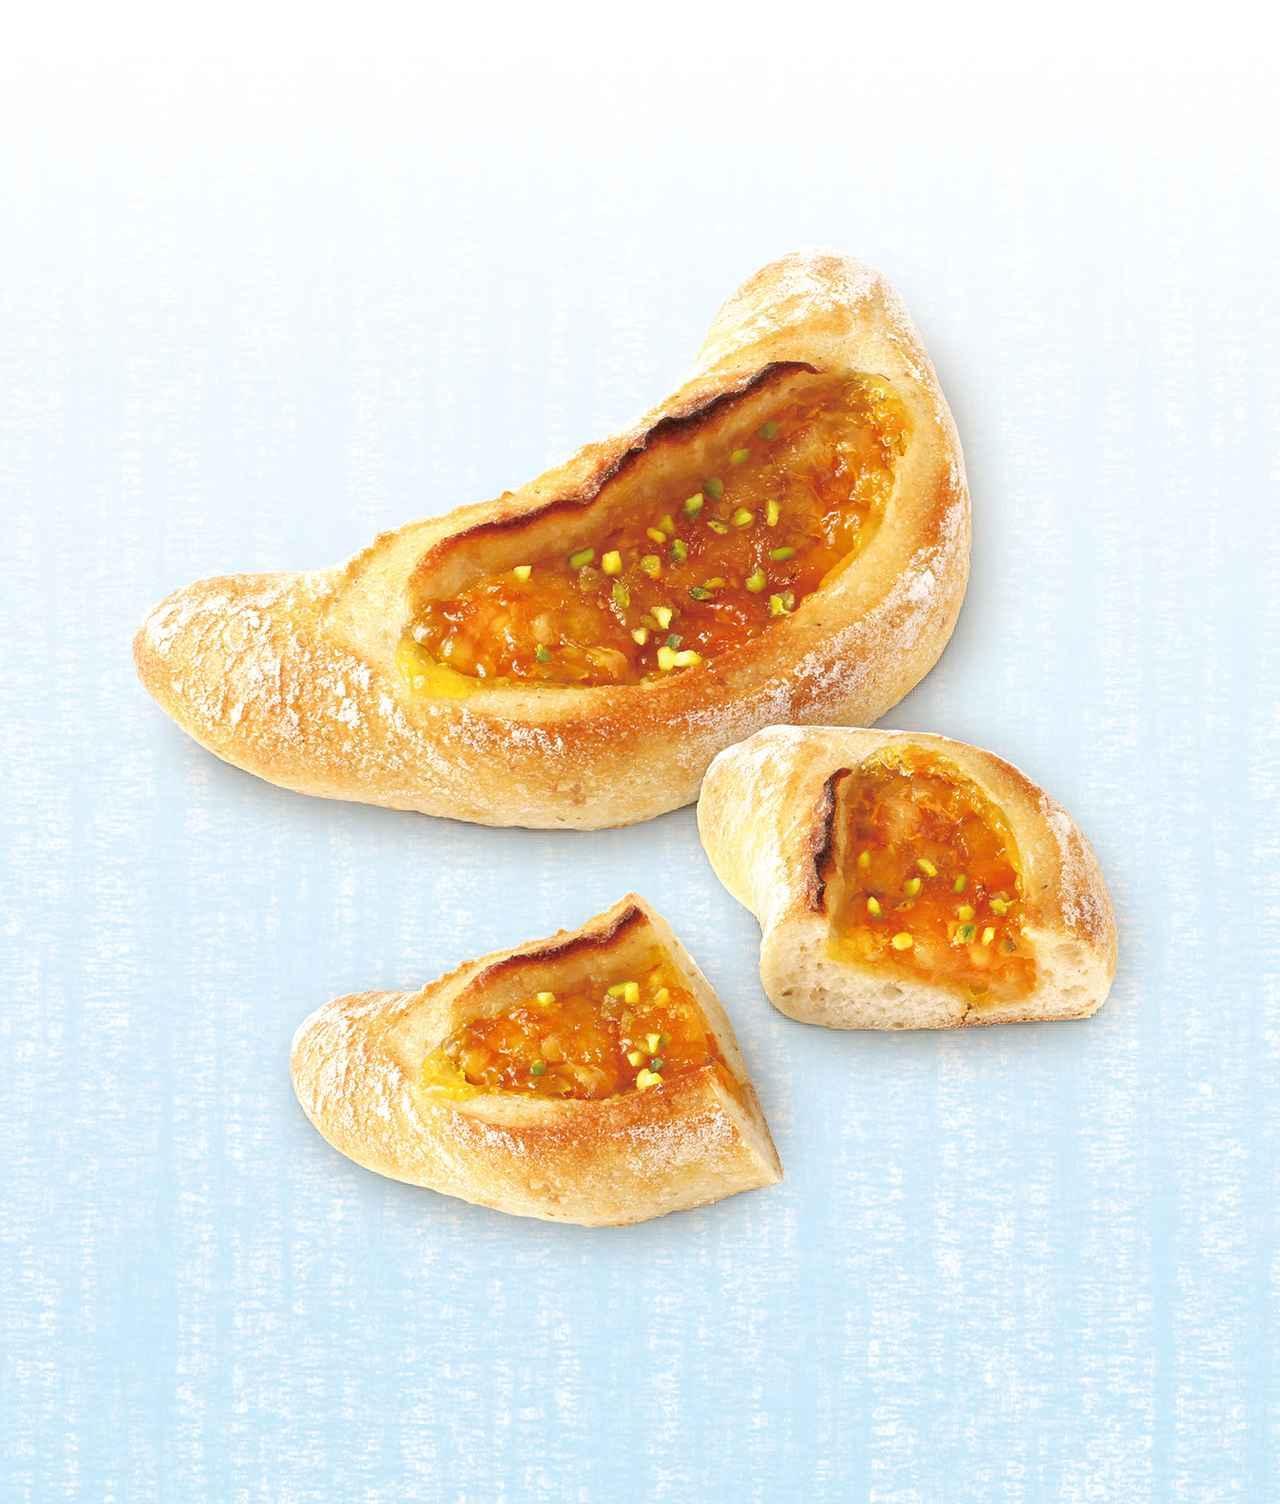 画像: オレンジ・ルヴァン 本体価格¥250(税込価格¥270) 酸味が特徴的なパン・オ・ルヴァン生地に、爽やかなオレンジの味わいを合わせて焼き上げました。